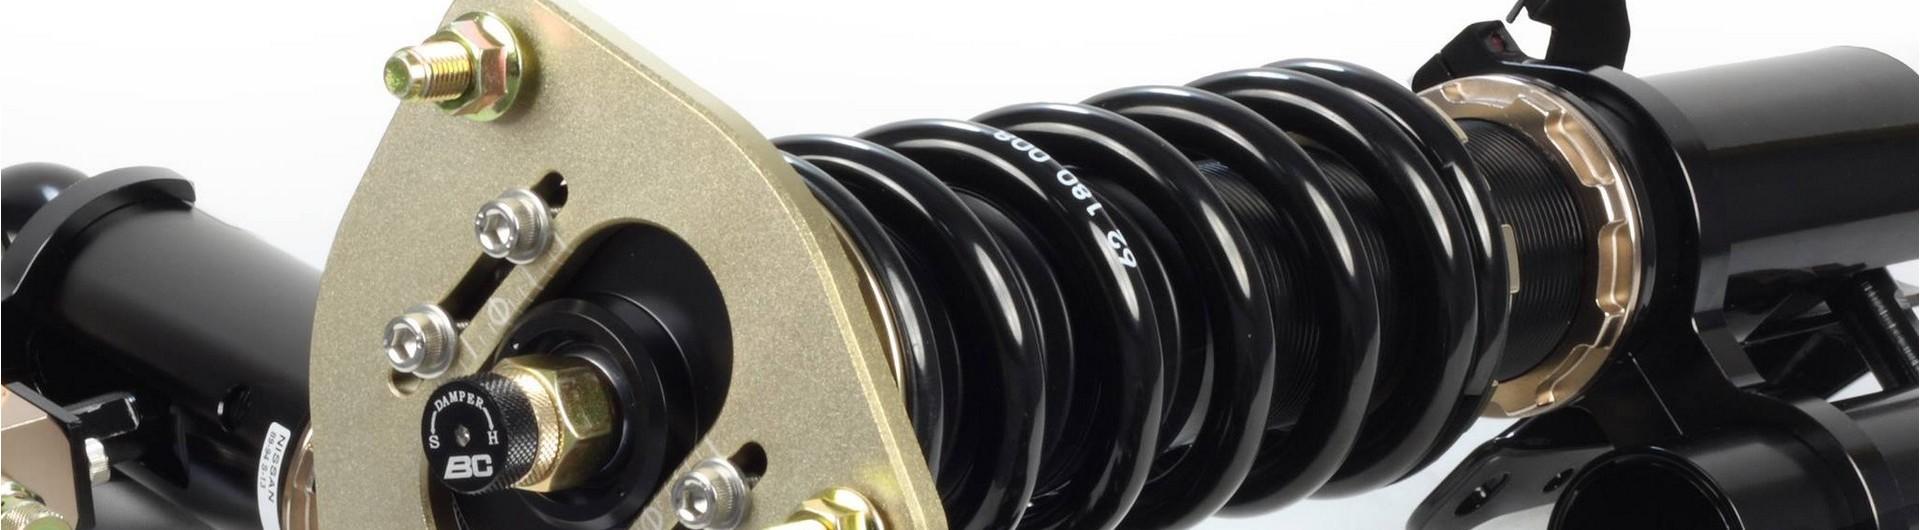 Kit suspension personnalisable haut de gamme chez R&D